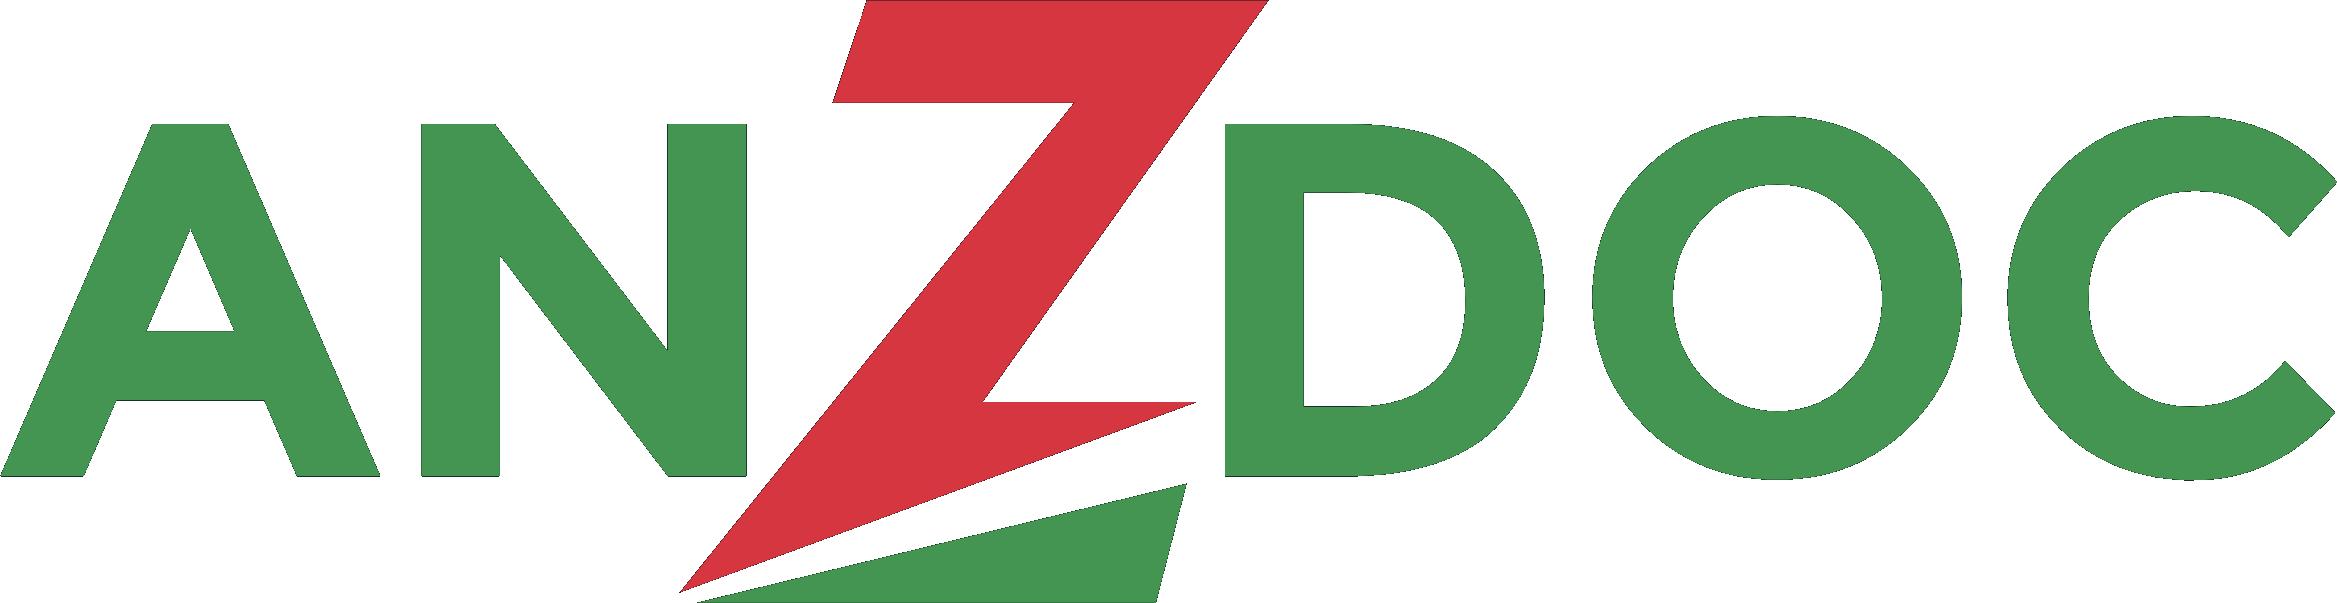 Rotátorköpeny szakadás - Dr. Nyőgér Zoltán | Ortopéd, balesetsebész szakorvos, magánrendelés, Győr